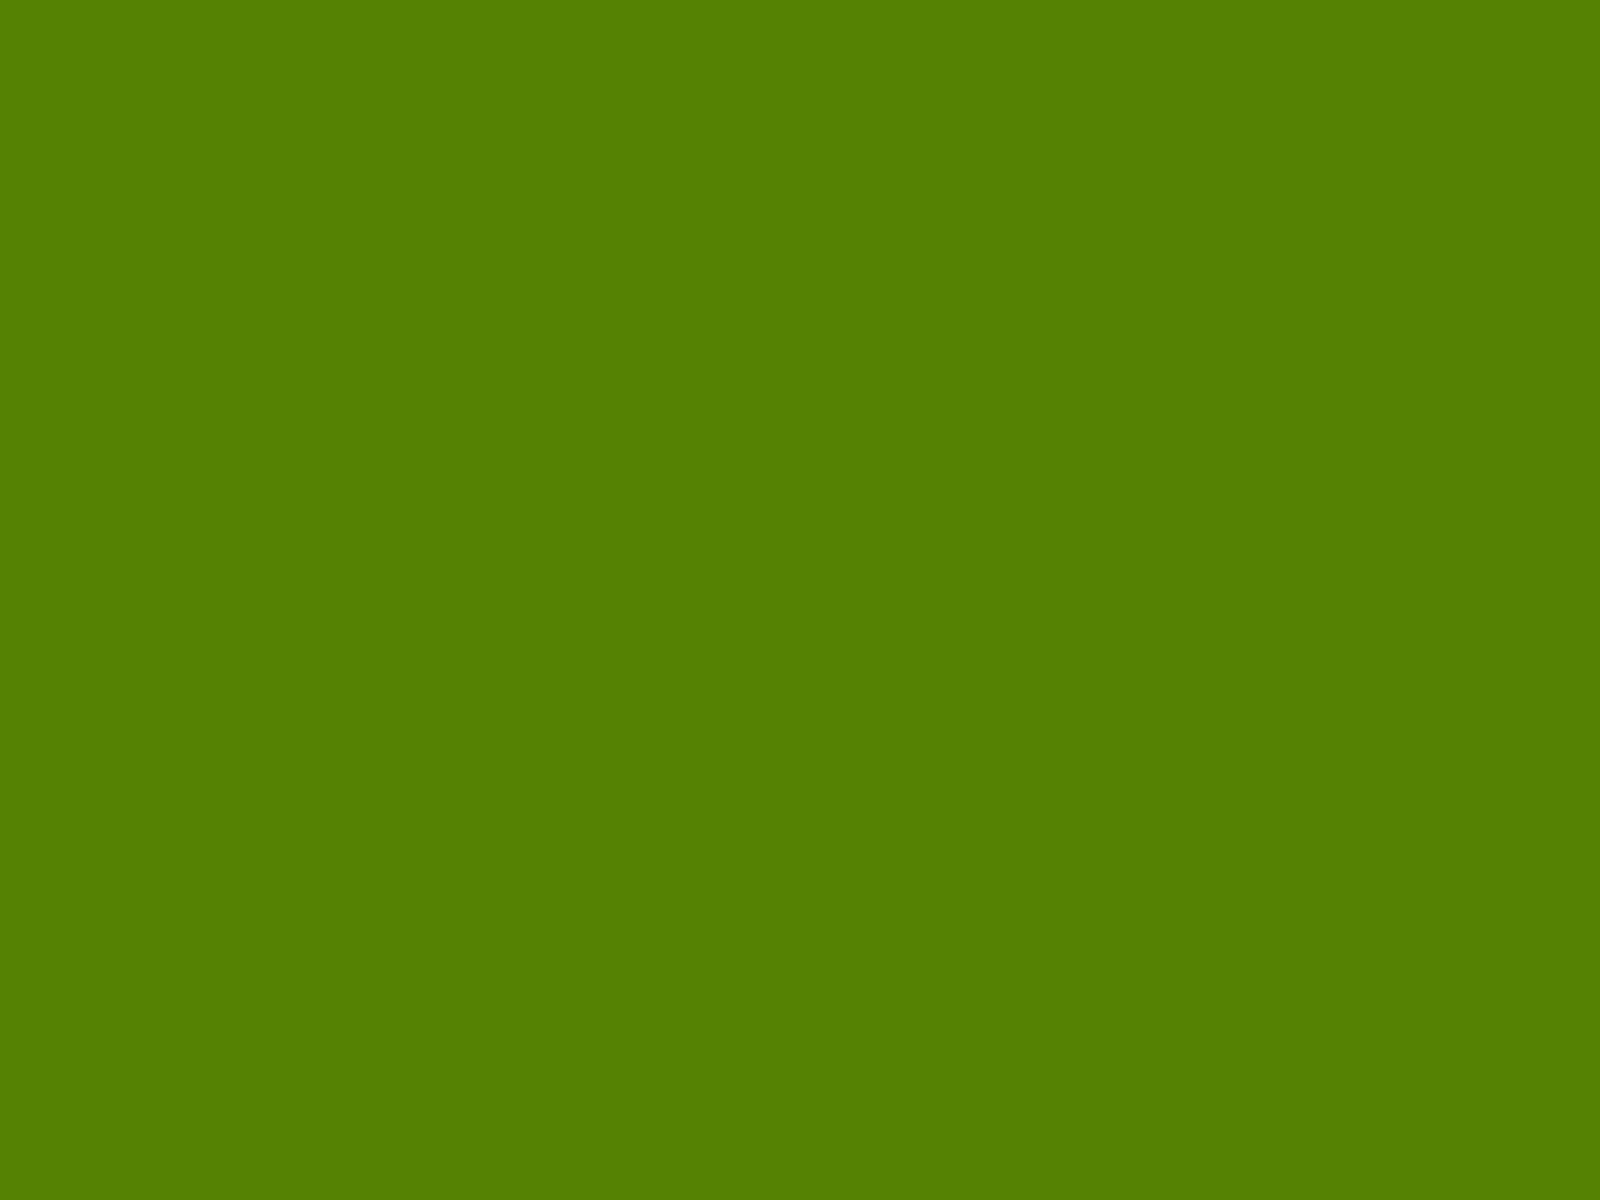 1600x1200 Avocado Solid Color Background